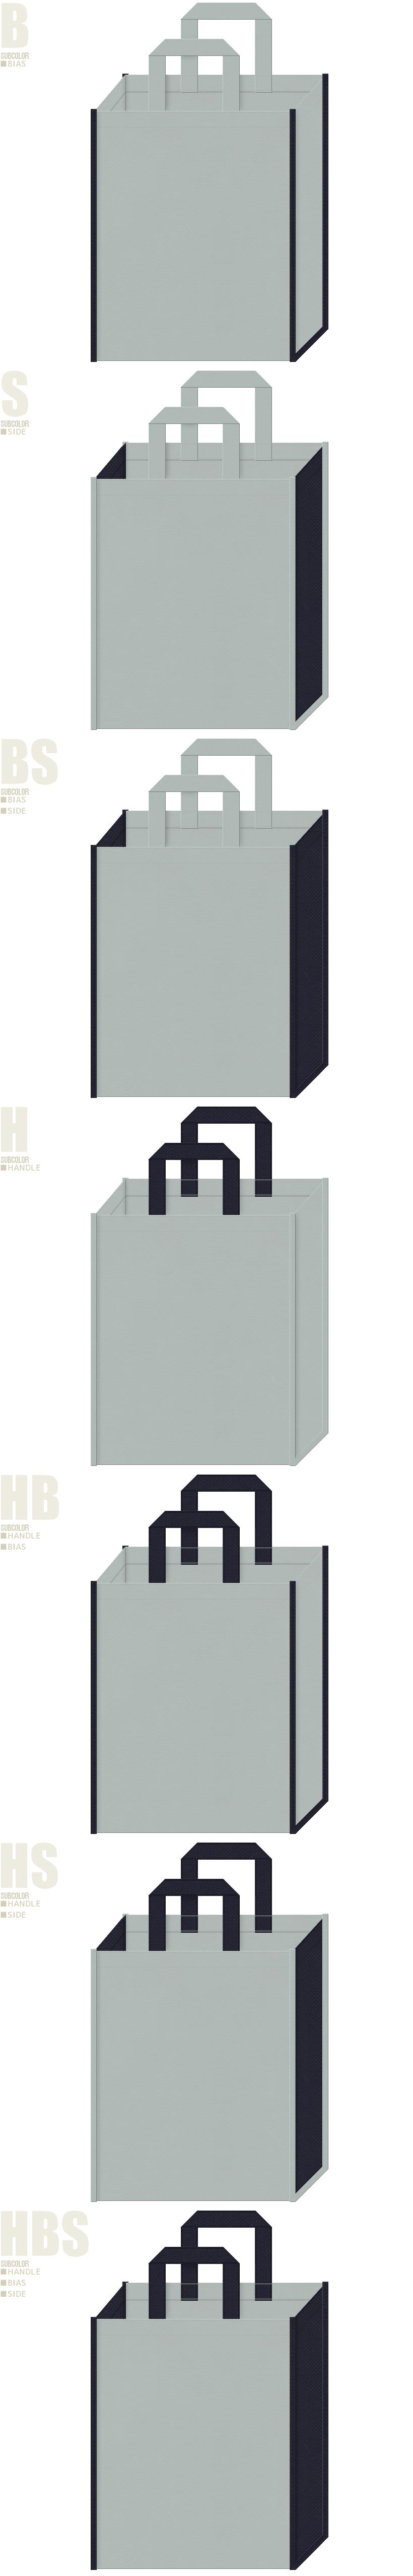 学術セミナー・学校説明会にお奨めの、グレー色と濃紺色-7パターンの不織布トートバッグ配色デザイン例